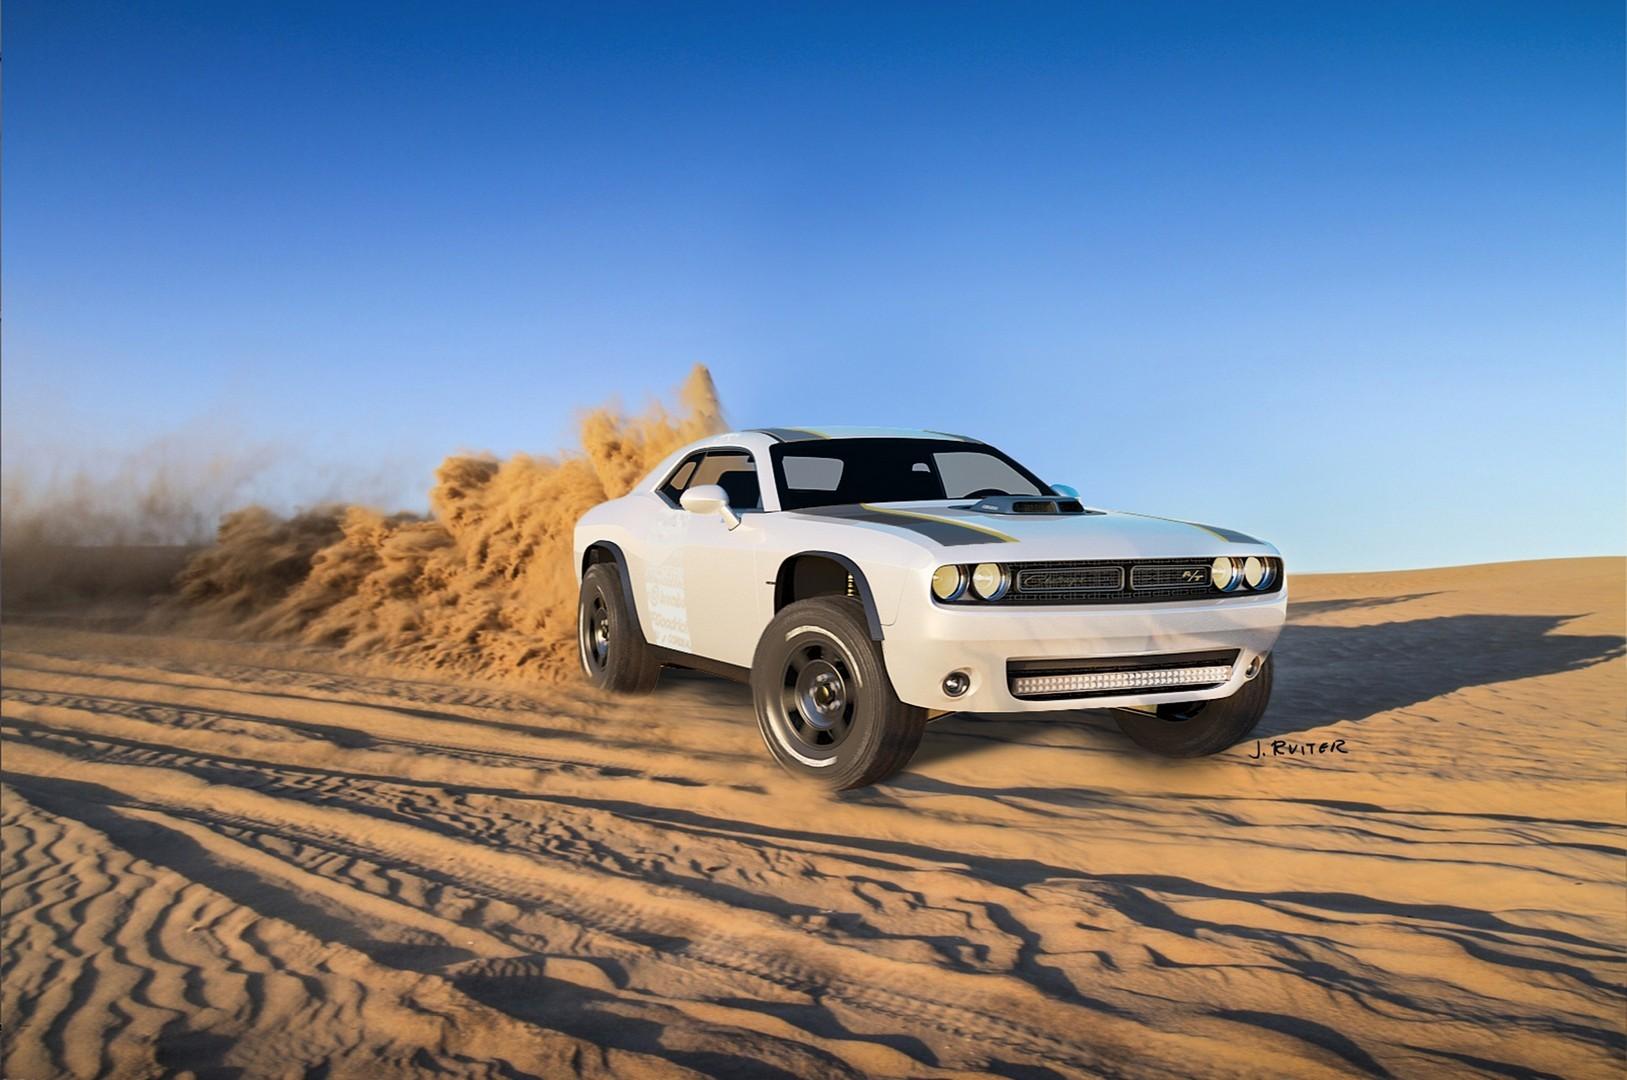 Американская дизайн-студия разрабатывает внедорожник на базе Dodge Challenger